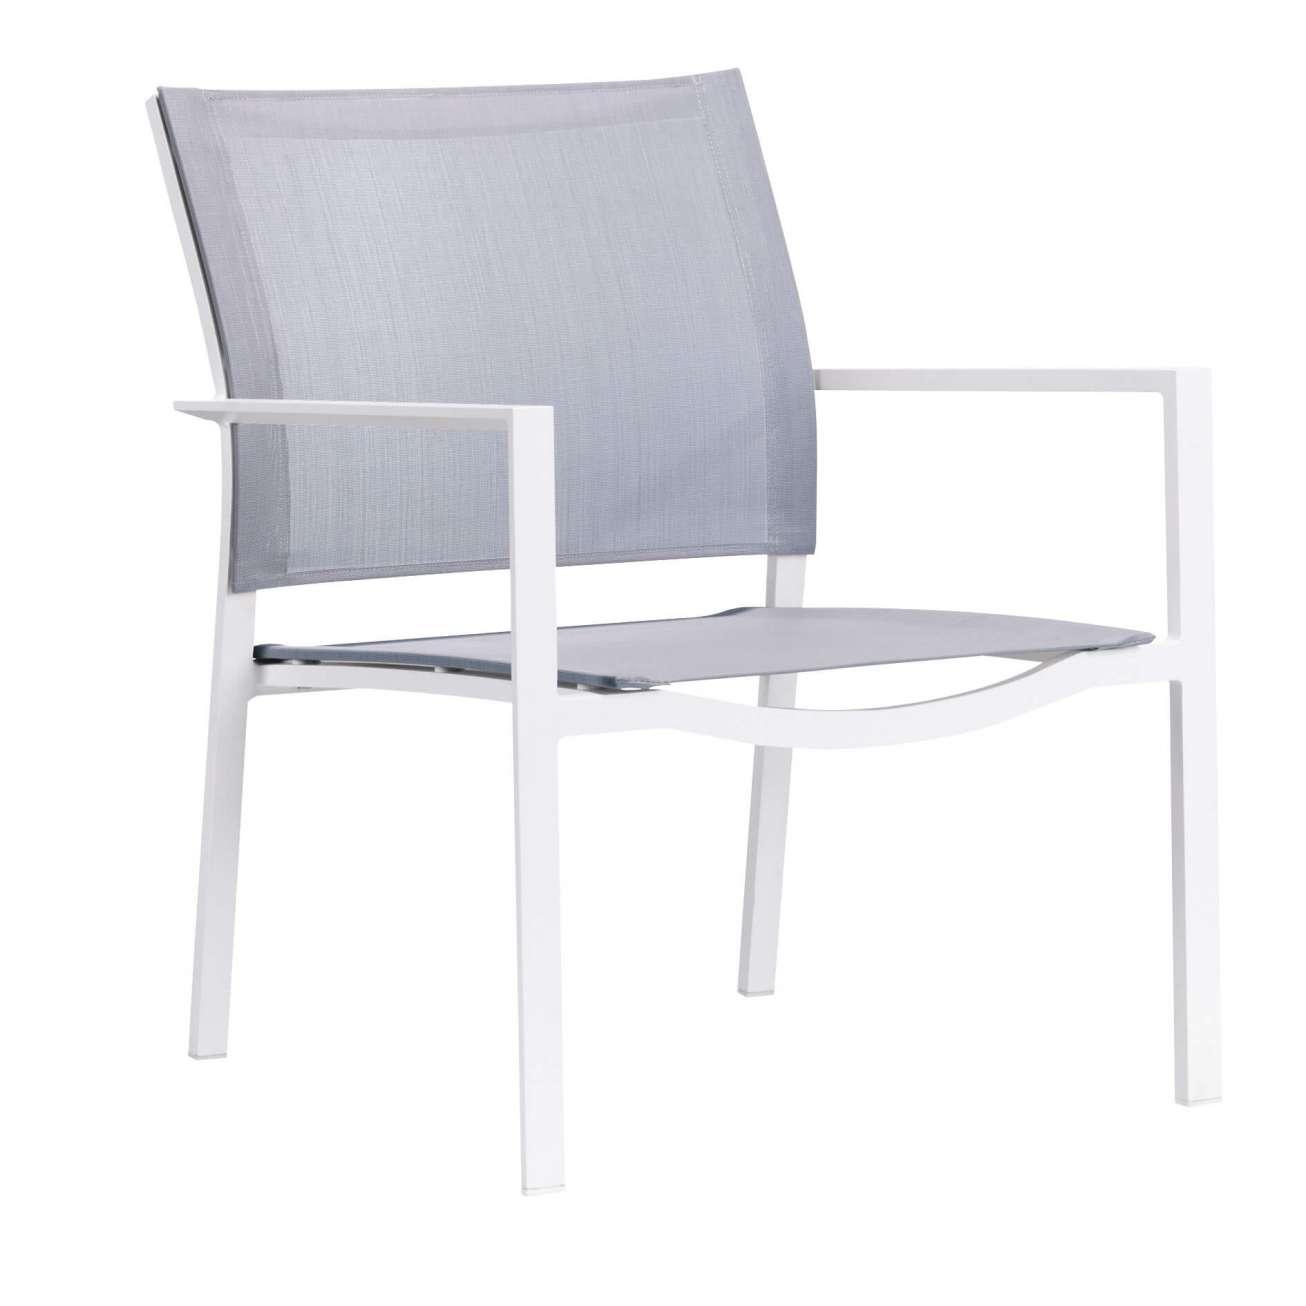 Gardenart stablebar lounge stol med hvit aluminiumsramme og grå tekstiler